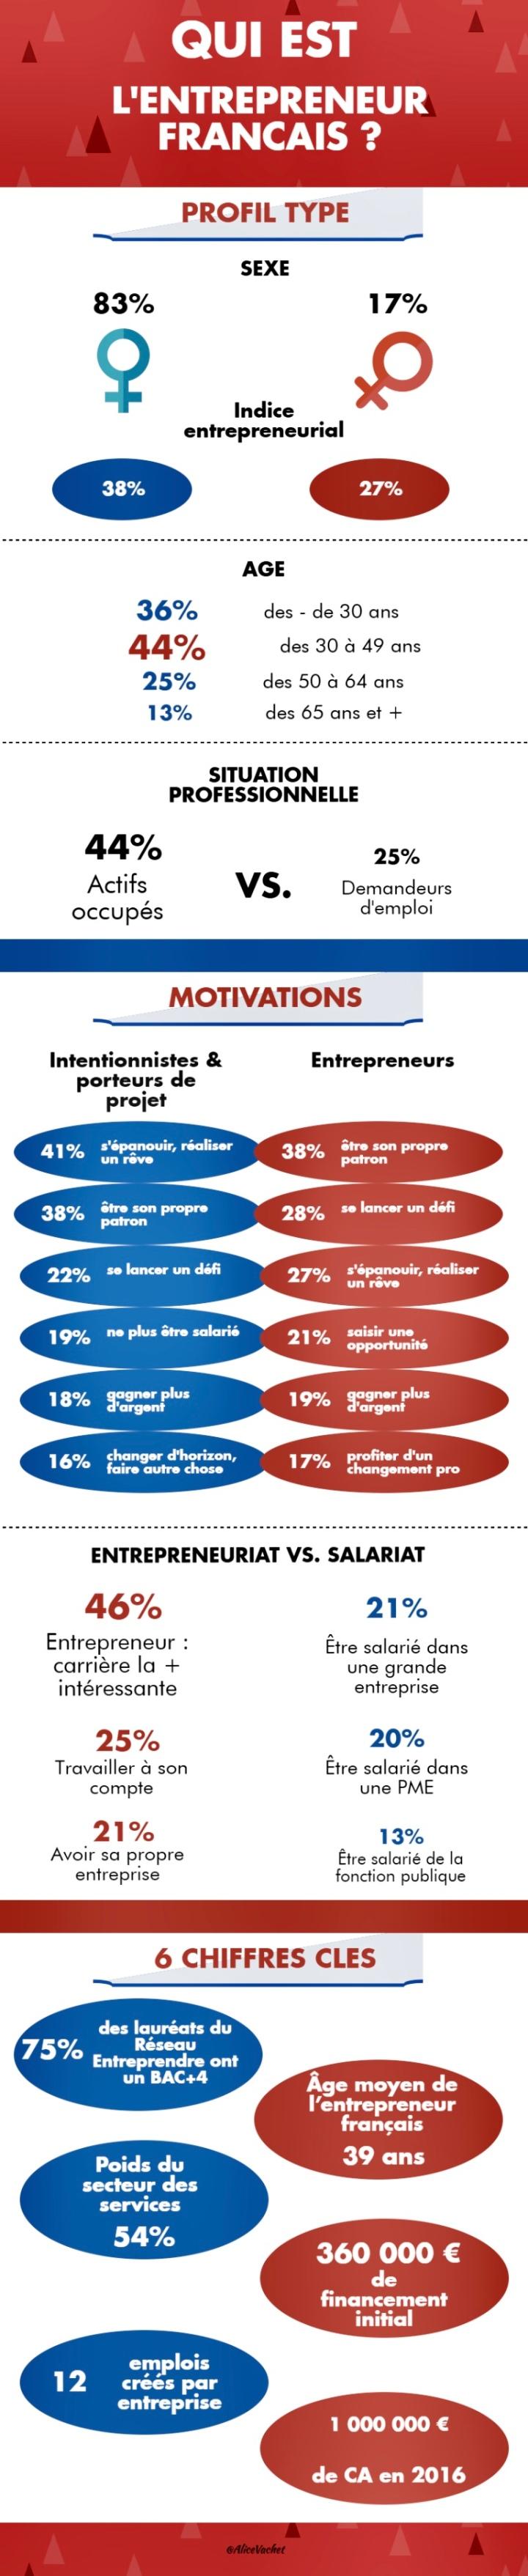 [Infographie] Qui est l'entrepreneur français ?🇫🇷